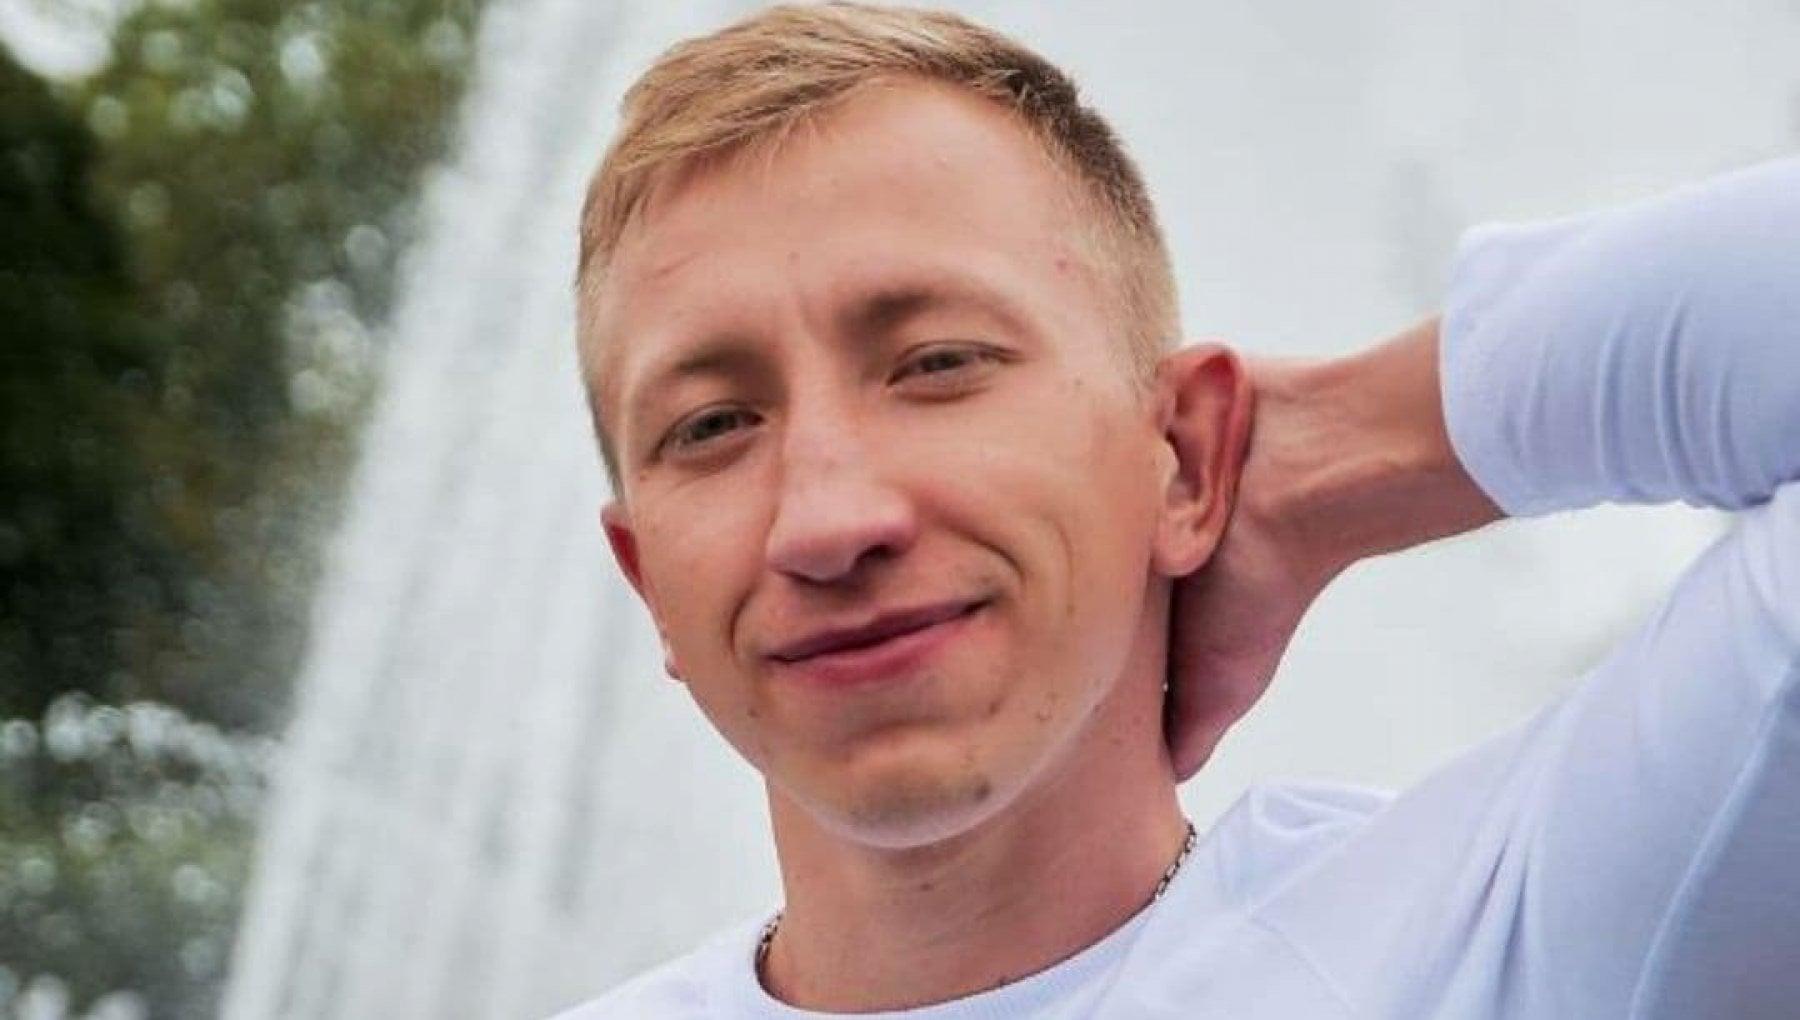 082724298 296c4d27 0005 497b a283 3ee4b86b35b7 - Bielorussia, trovato morto a Kiev attivista disperso. S'indaga per omicidio